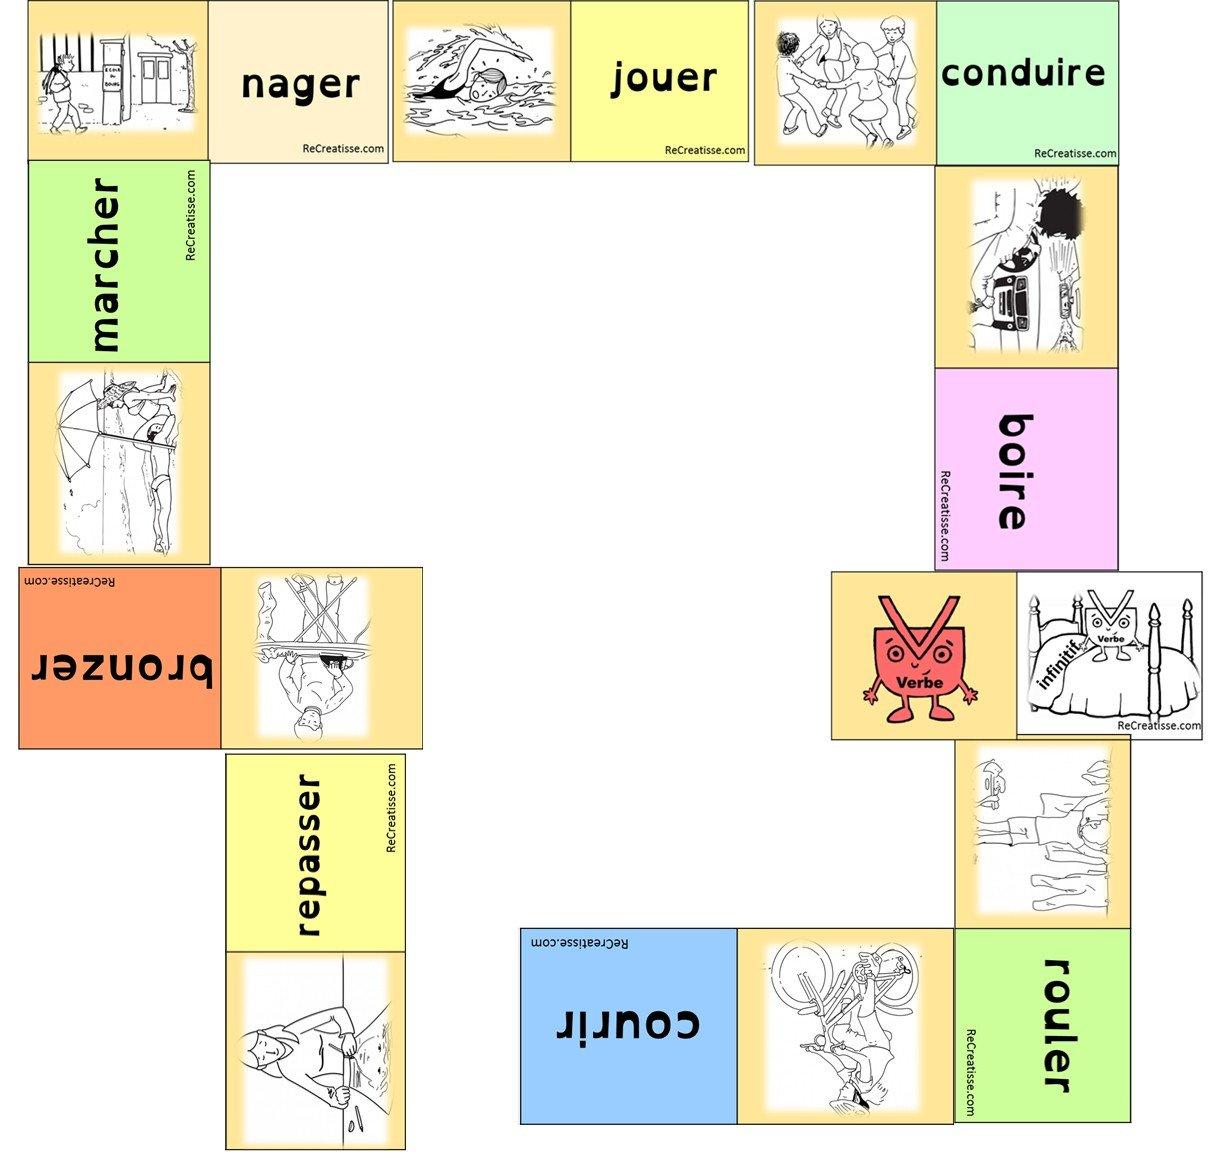 Le Verbe Sequence Jeux Ateliers Et Activites Recreatisse